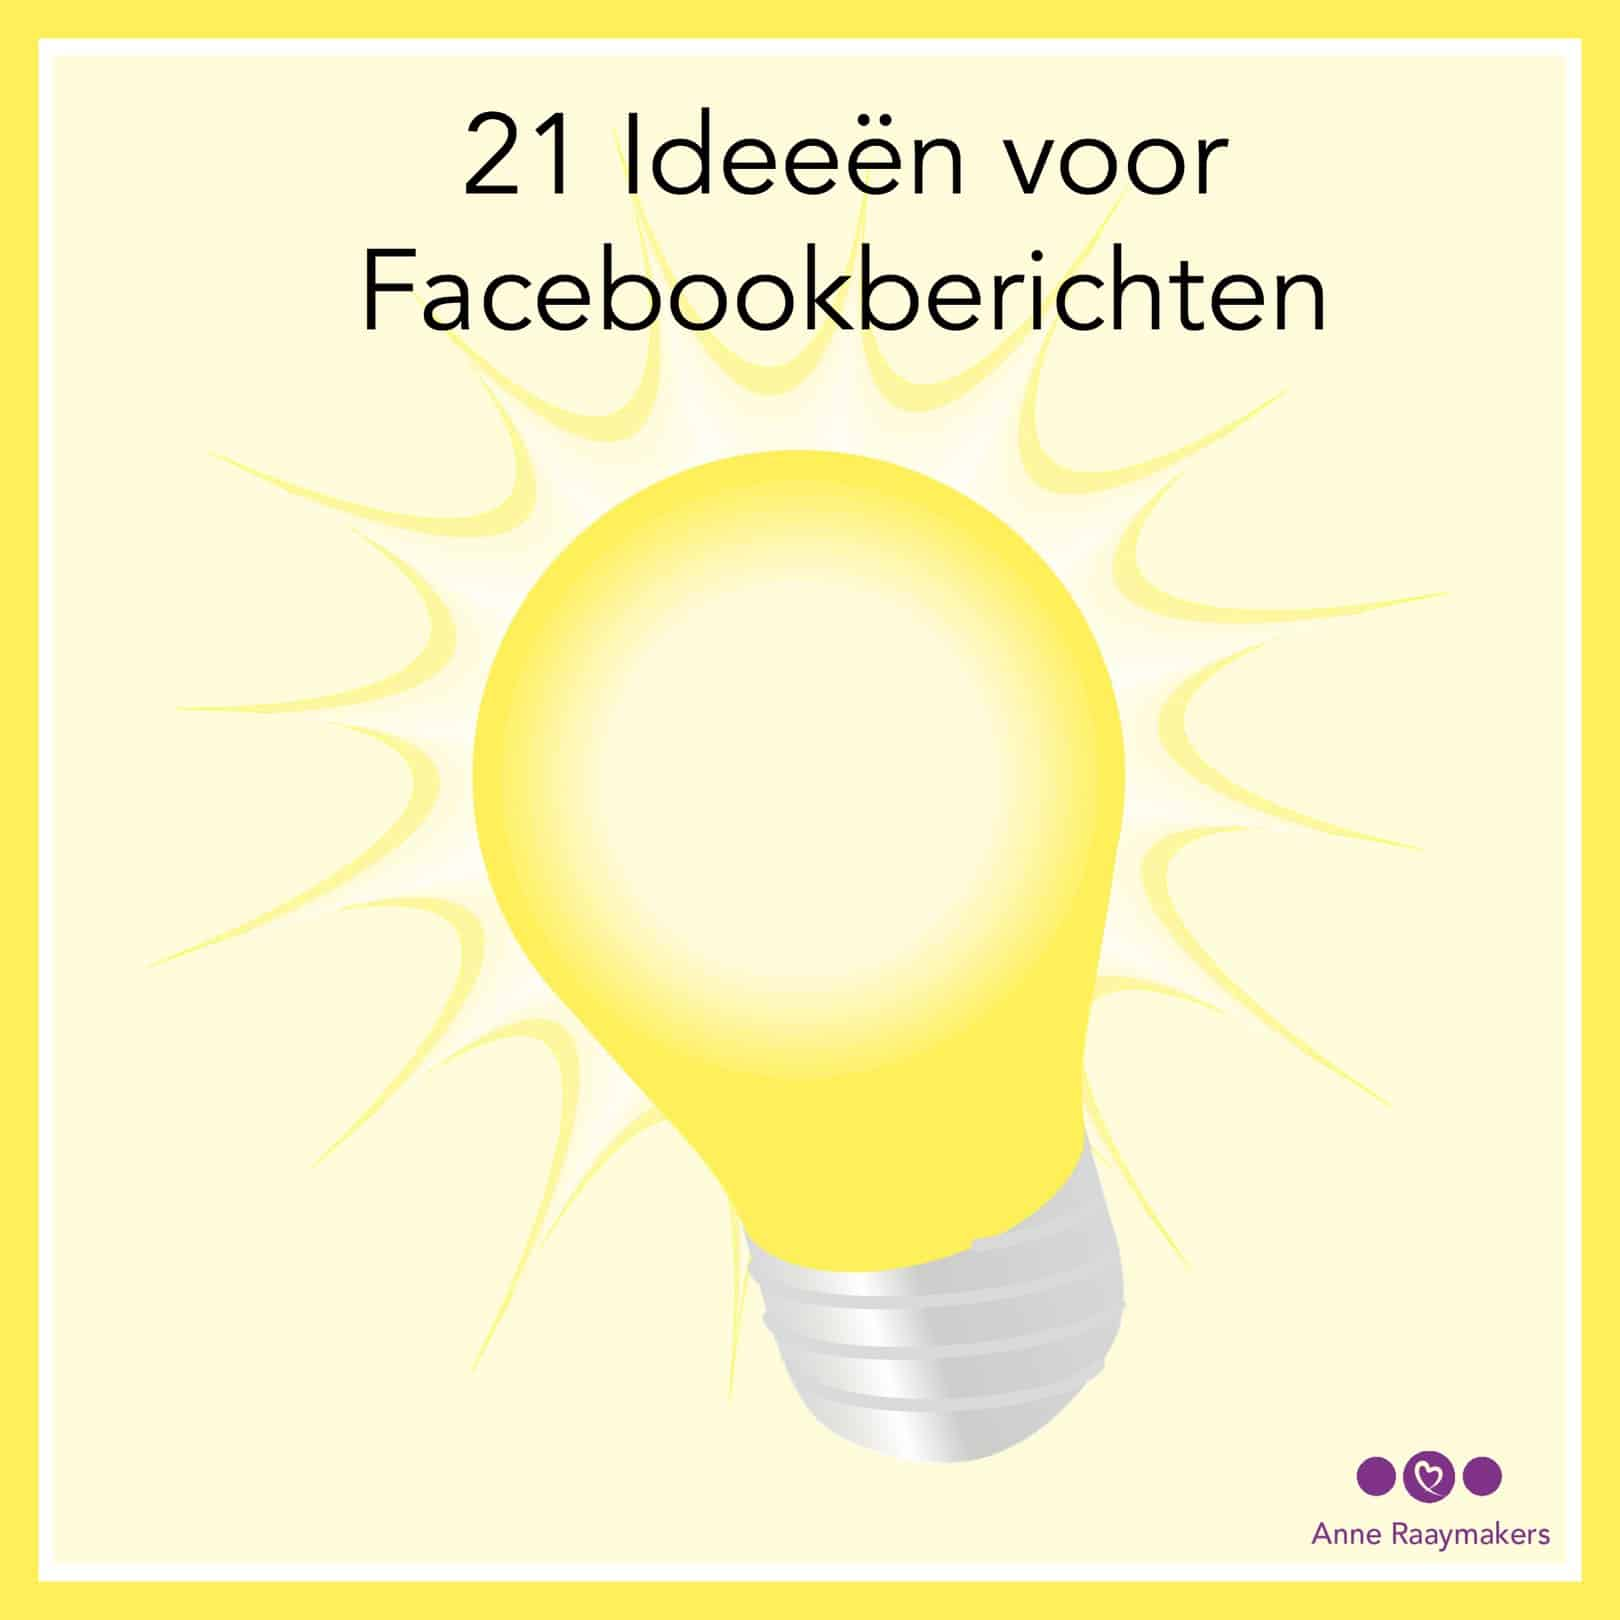 33887c29079 21 ideeën voor Facebookberichten die gegarandeerd betrokkenheid bij jouw  bedrijf opleveren